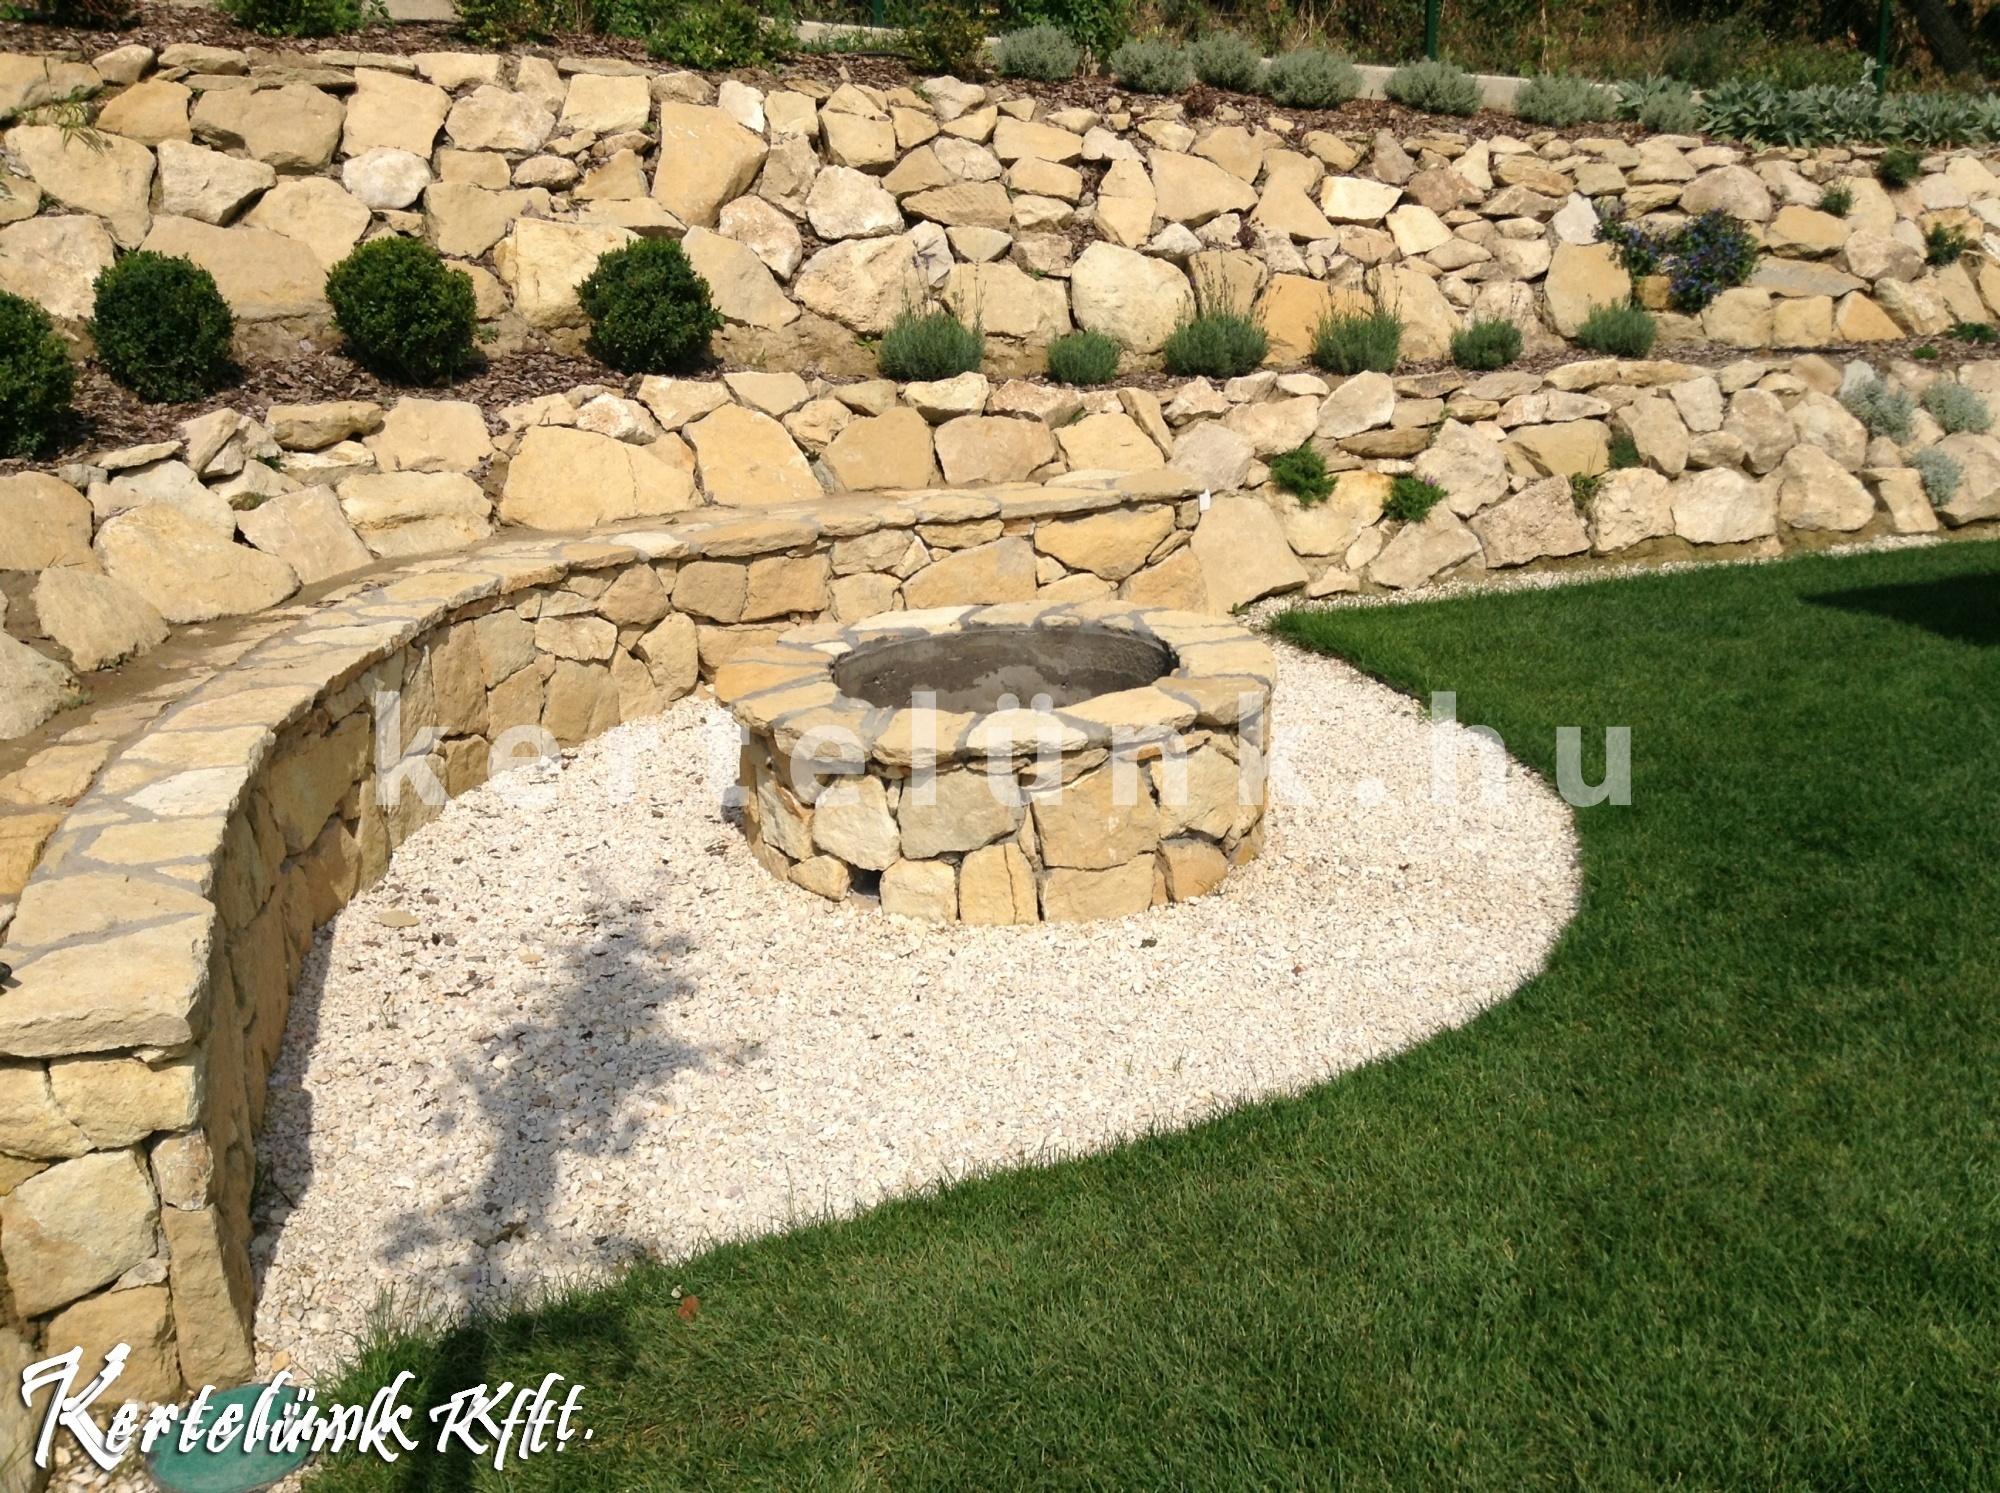 Kő támfal és kerti sütő egy kertben, mely a domboldoba épült.